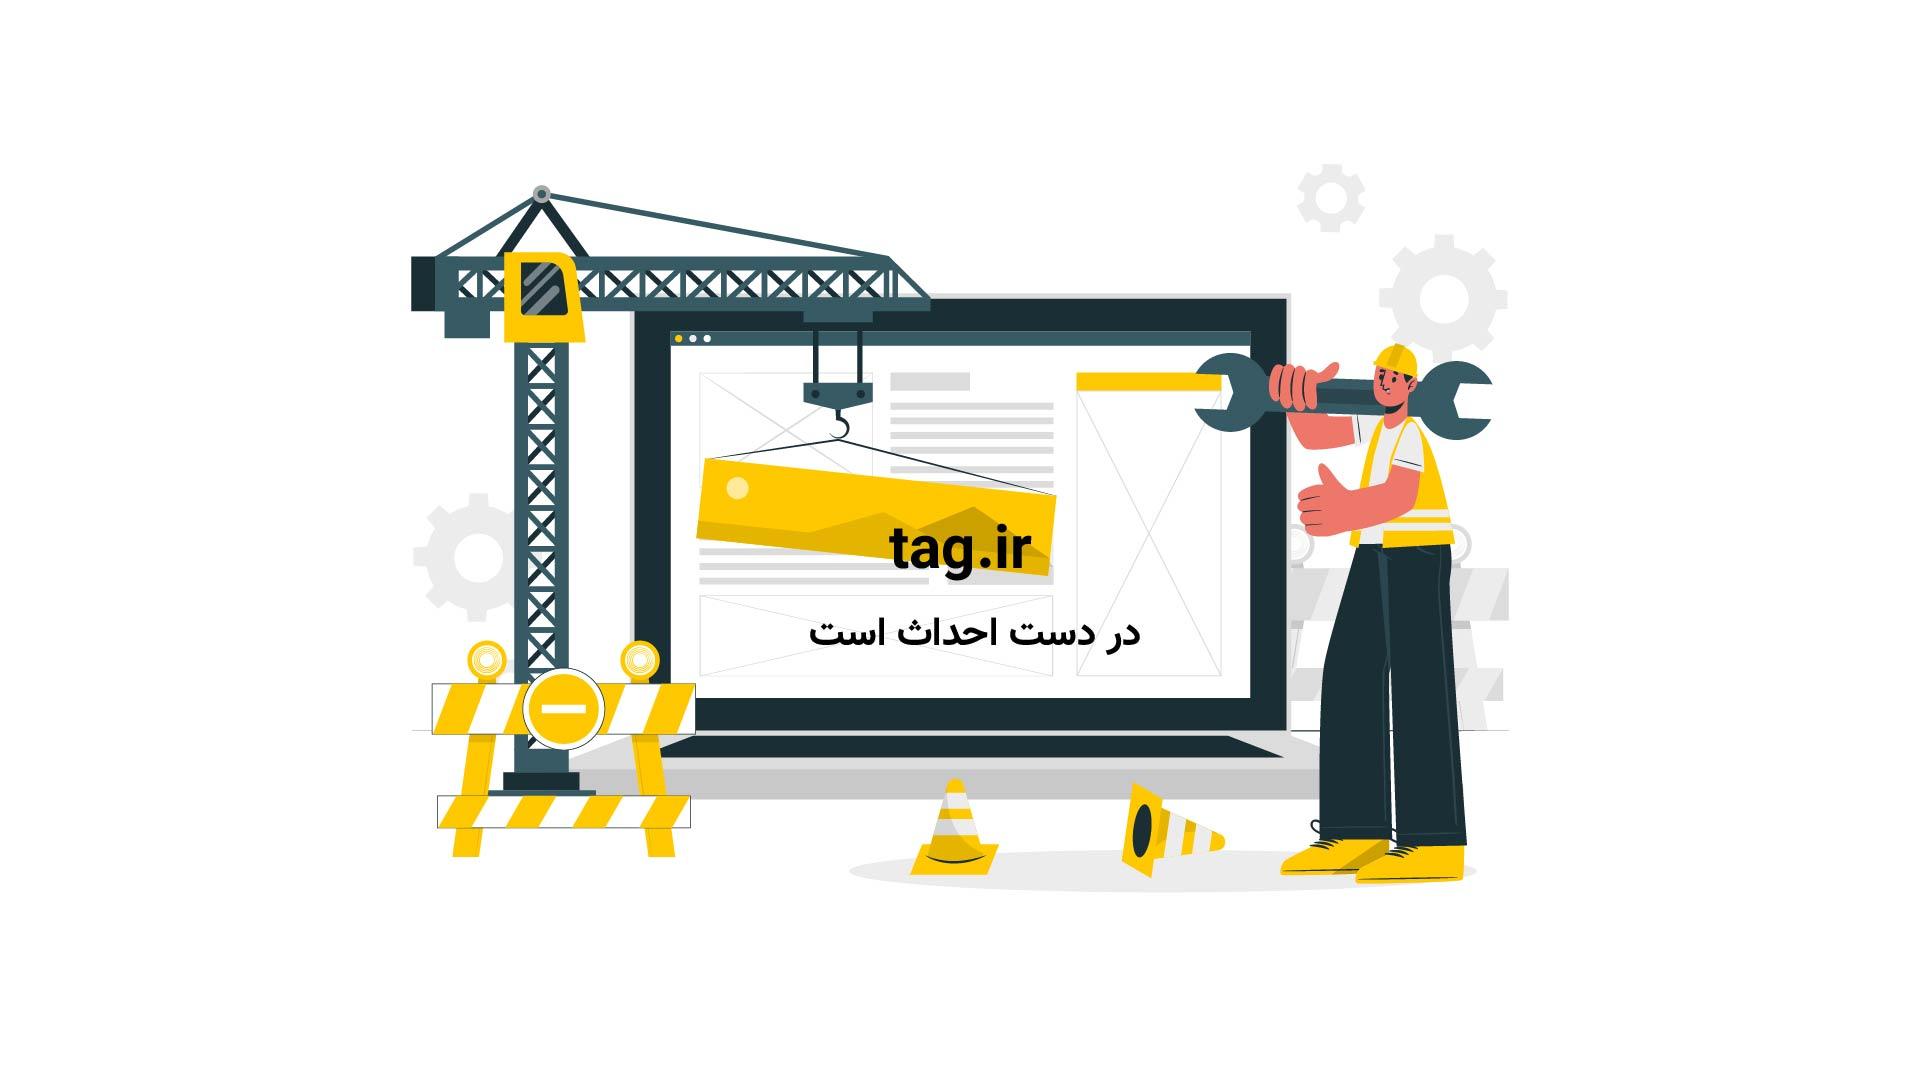 جشن سده از جشن های مهم زرتشتیان از نمای آسمان یزد   فیلم